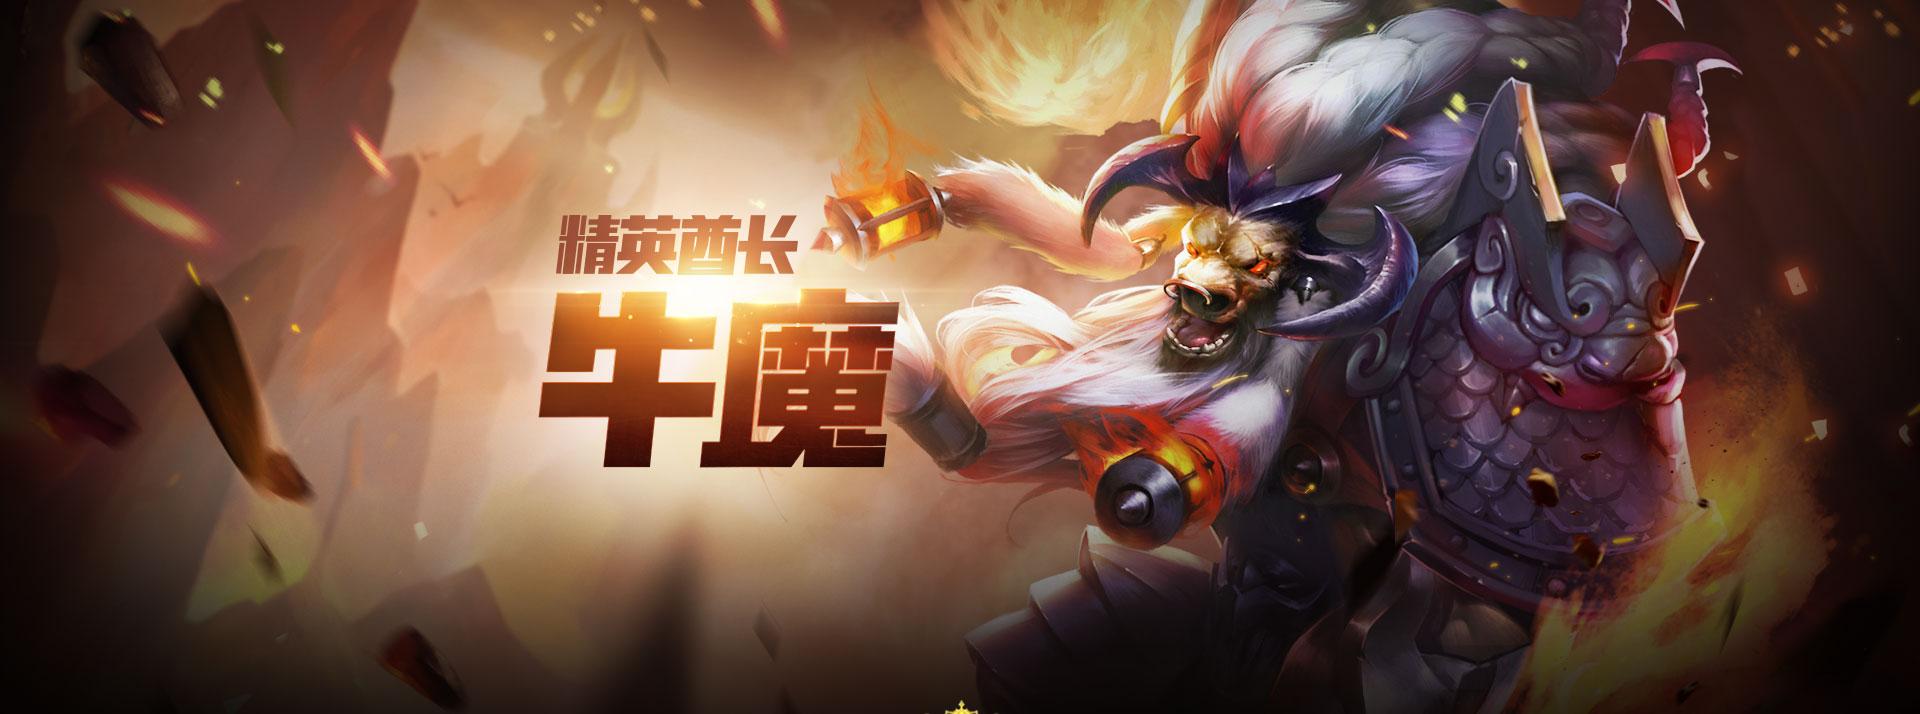 第2弹《王者荣耀英雄皮肤CG》竞技游戏74